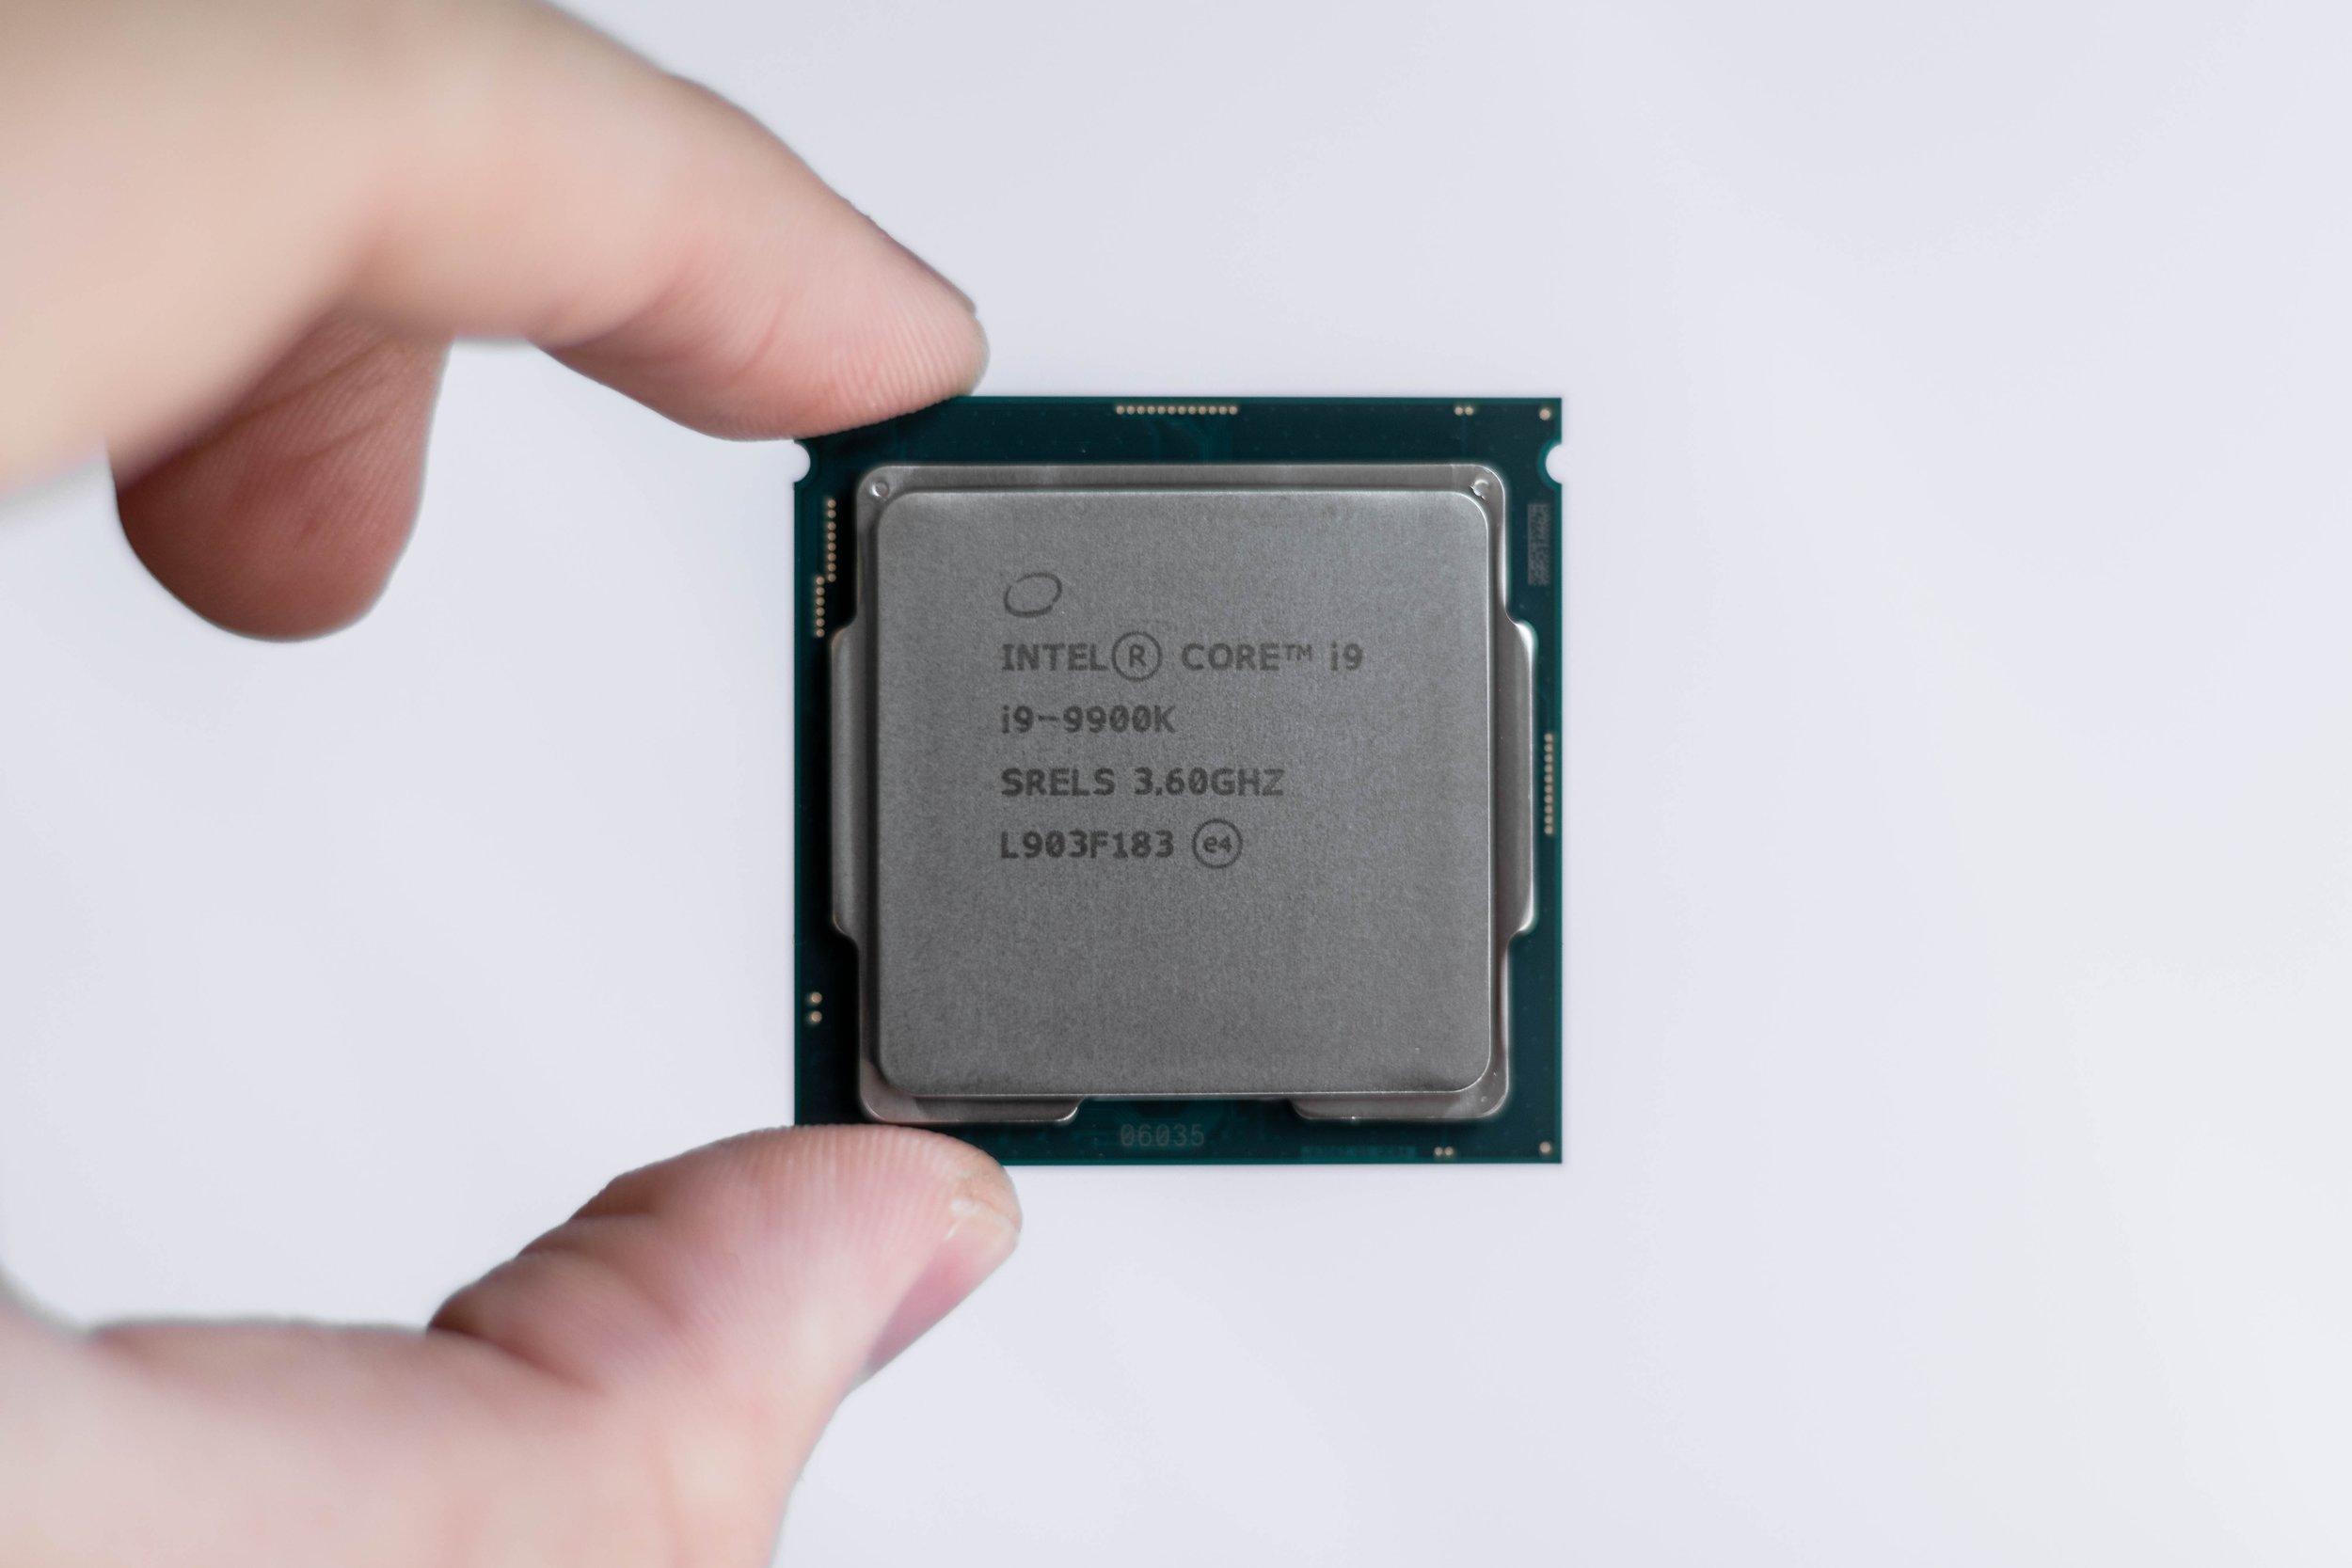 Intel i9 9900k CPU Processor in Hands